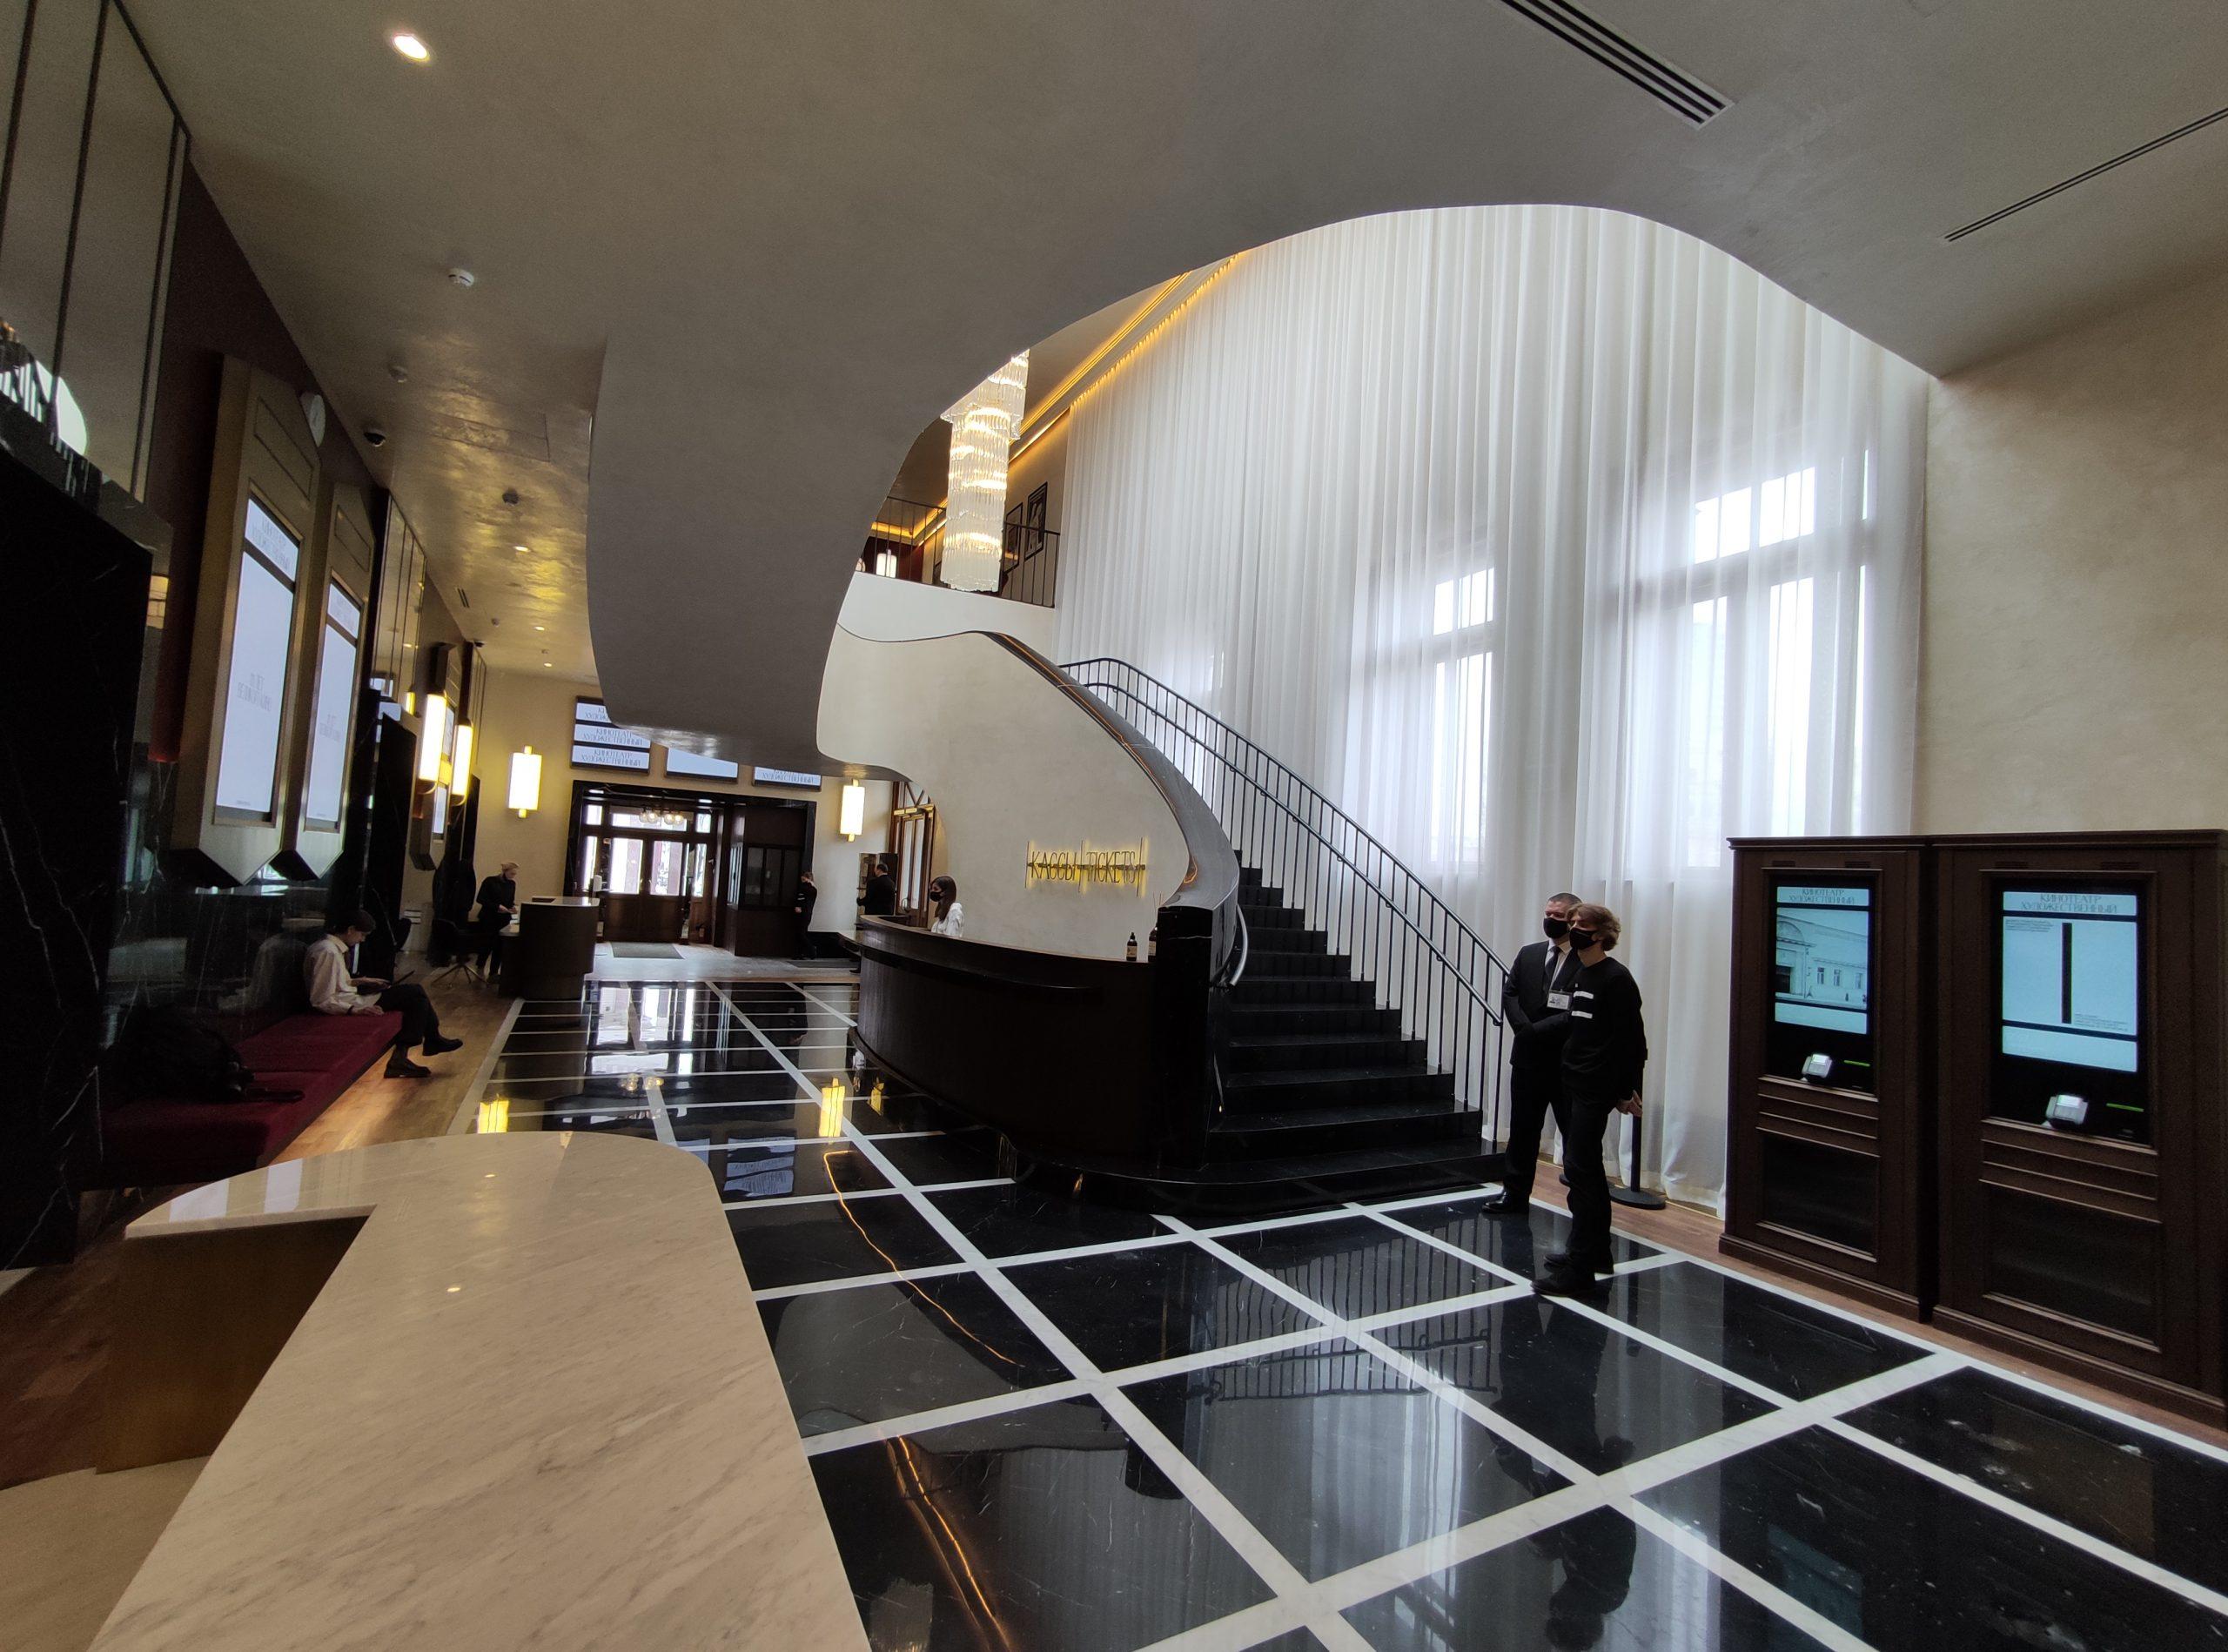 2 апреля 2021 года. Холл «Художественного» после ремонта